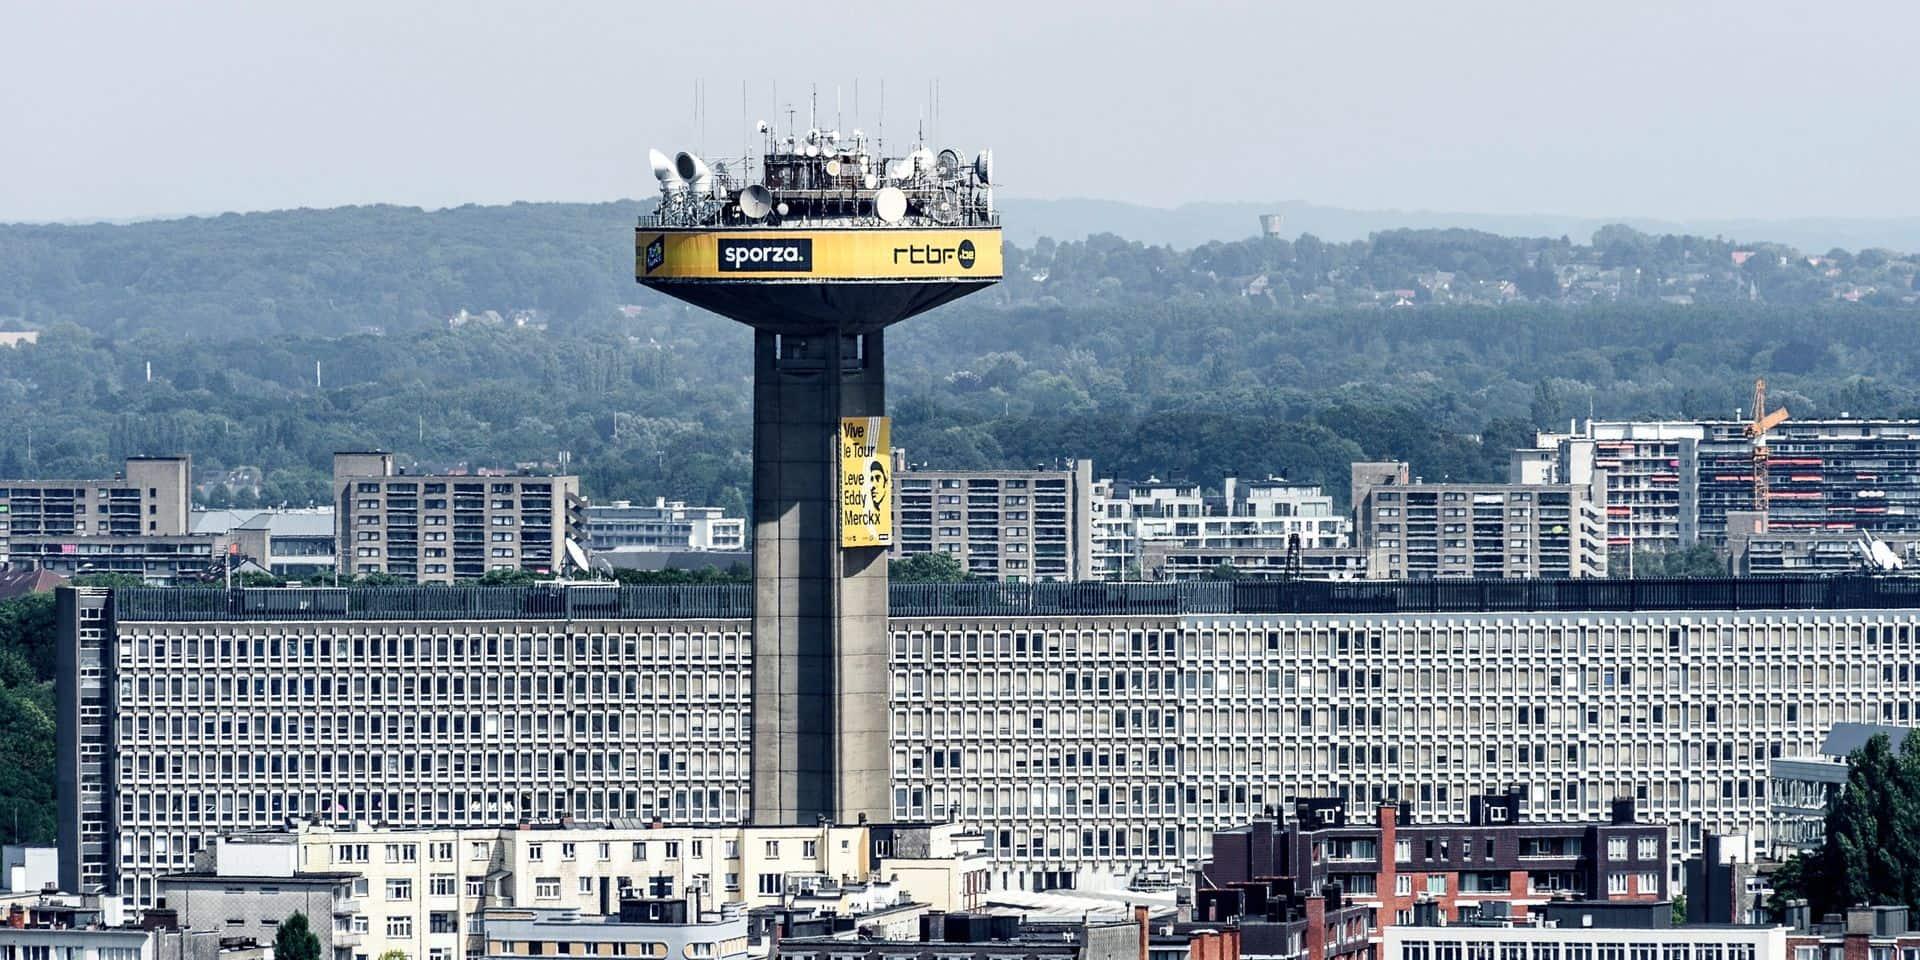 Le Conseil d'Etat a suspendu le permis du futur centre de la RTBF à Bruxelles